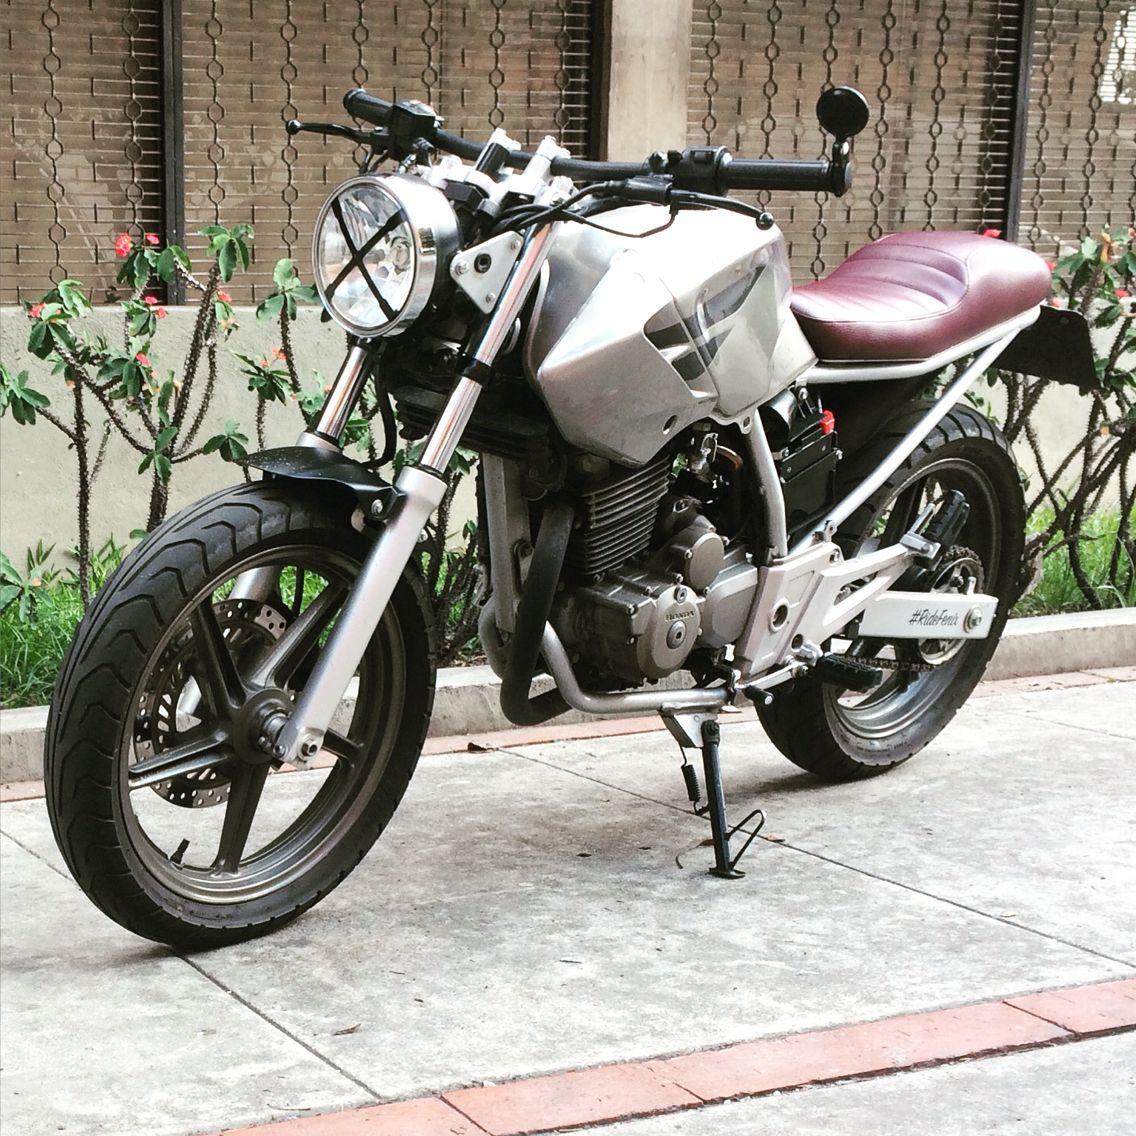 Honda Cbx250 Twister Modified As Caferacer By Ridefenix Venezuela Cbx 250 Motos De Rua Cb 250 Twister